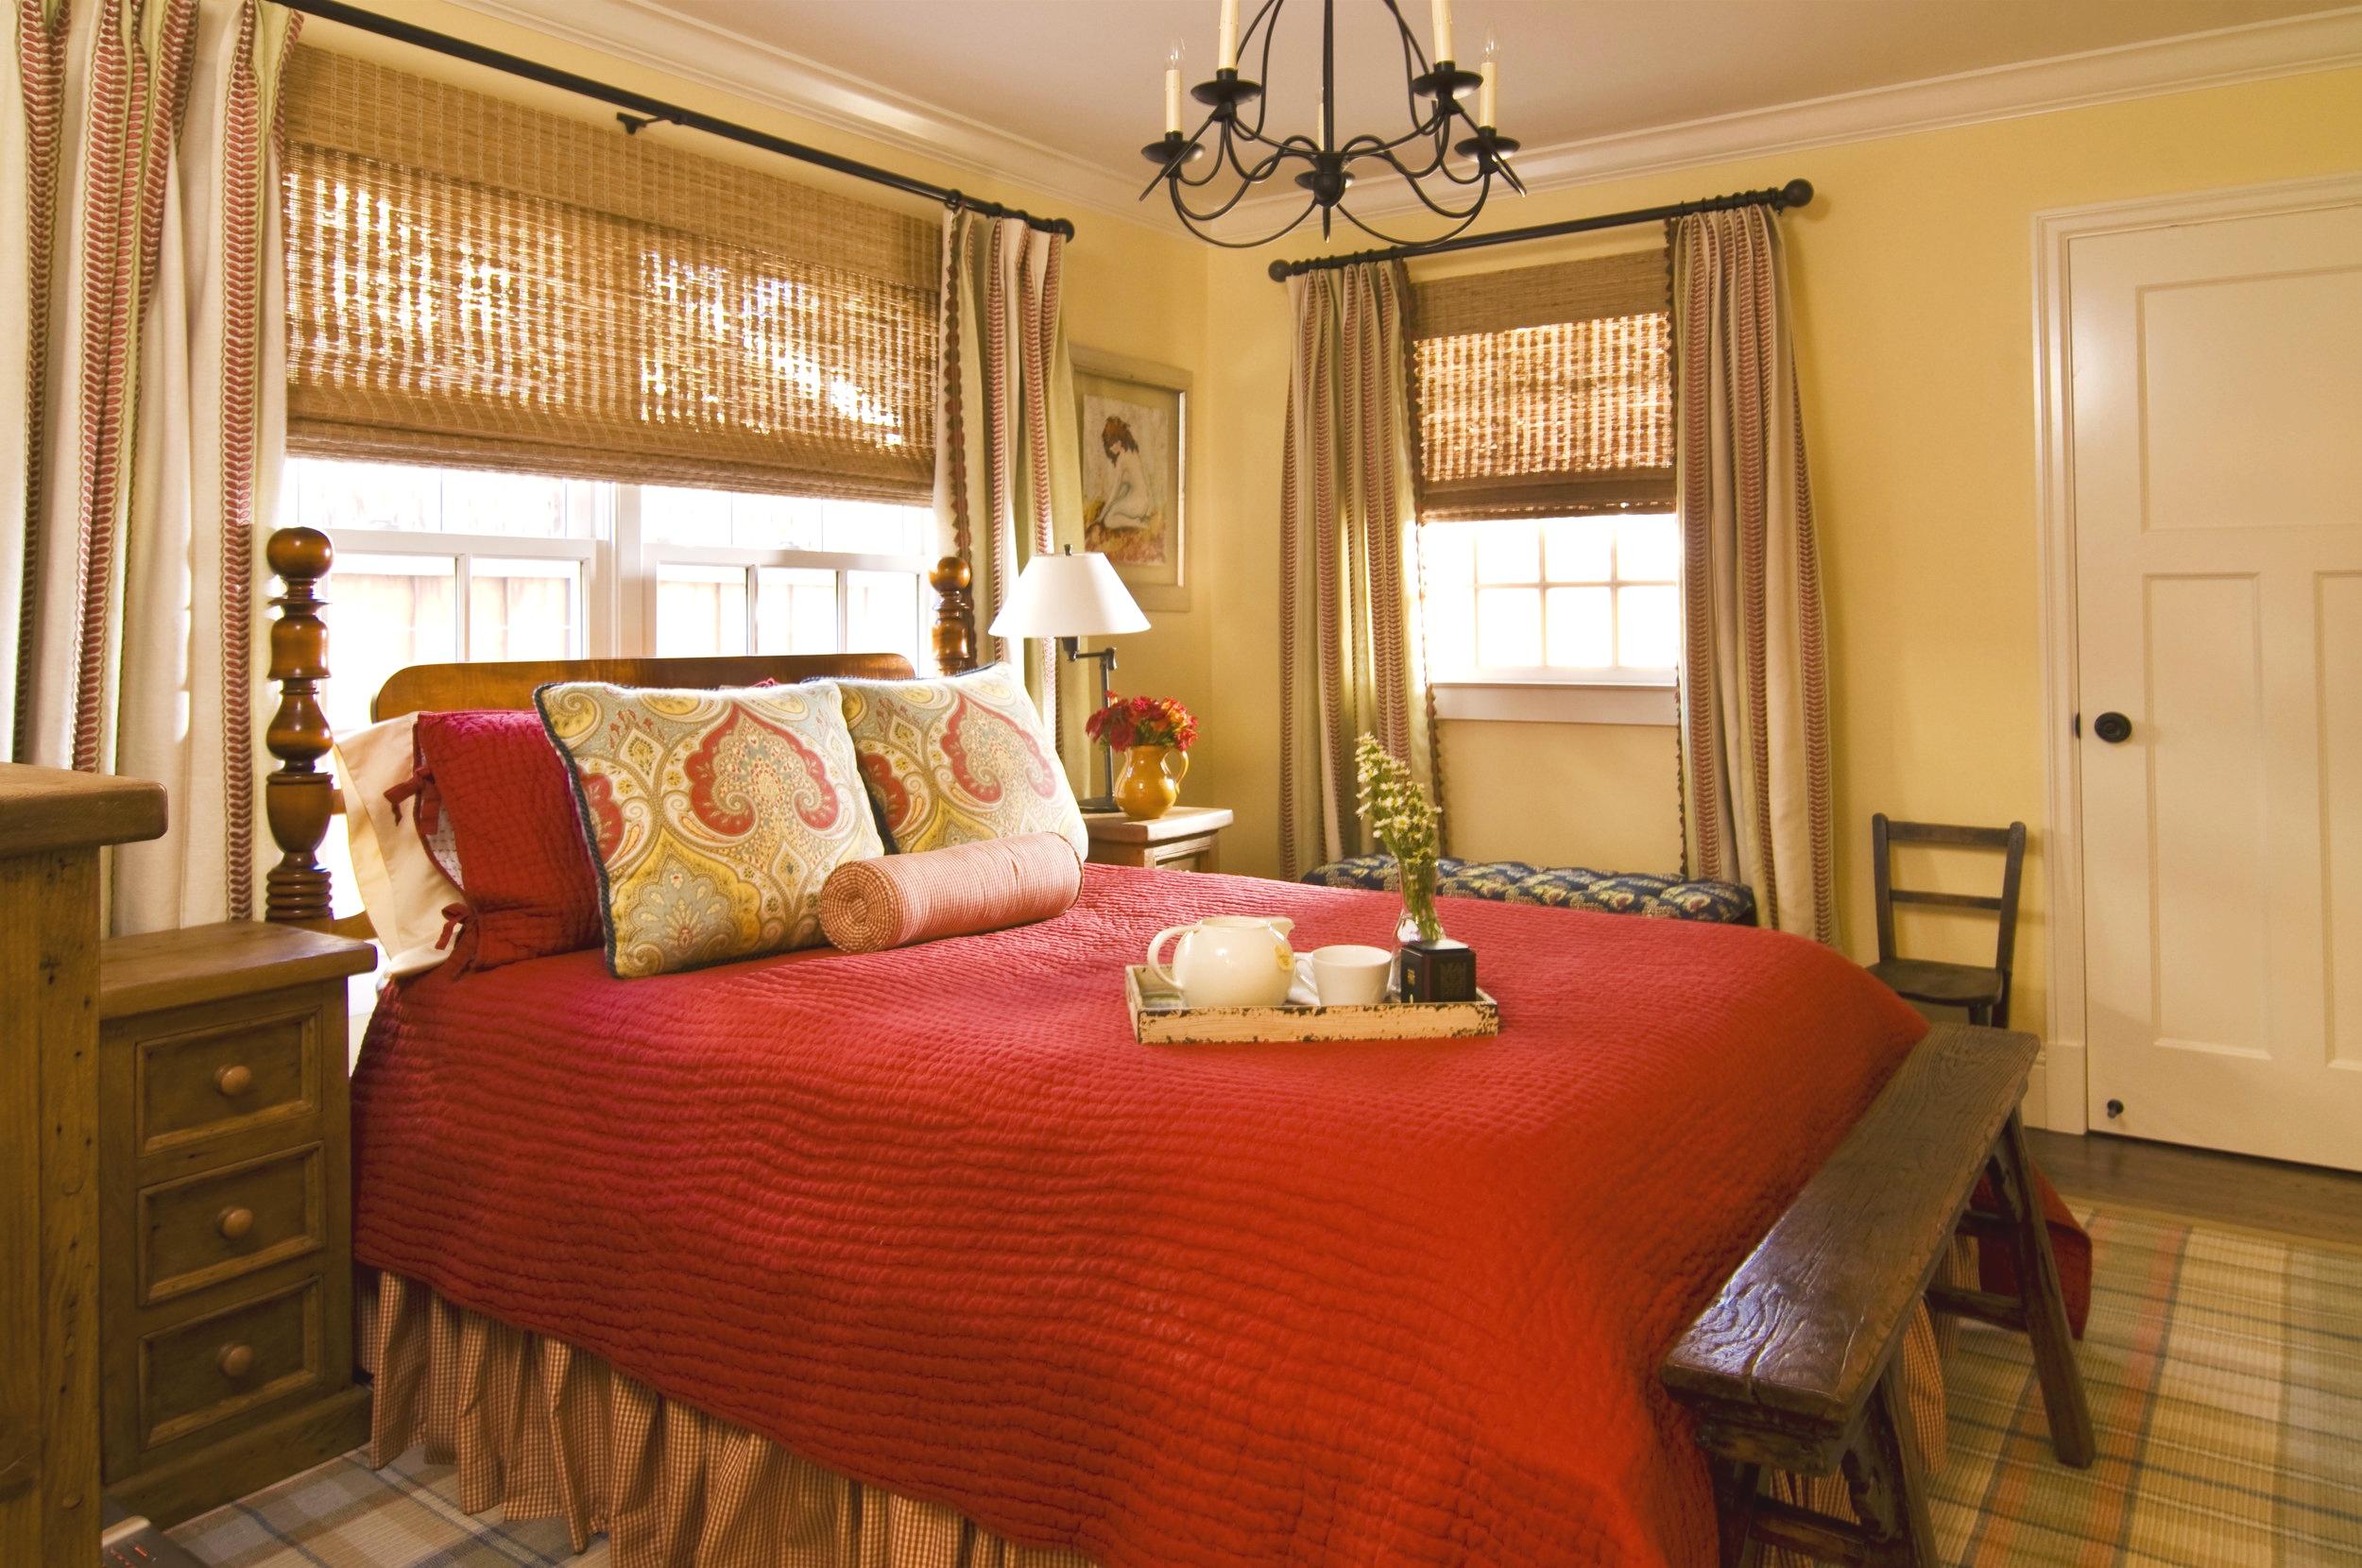 2012-1-6 Master Bedroom 1 - Copy.jpg